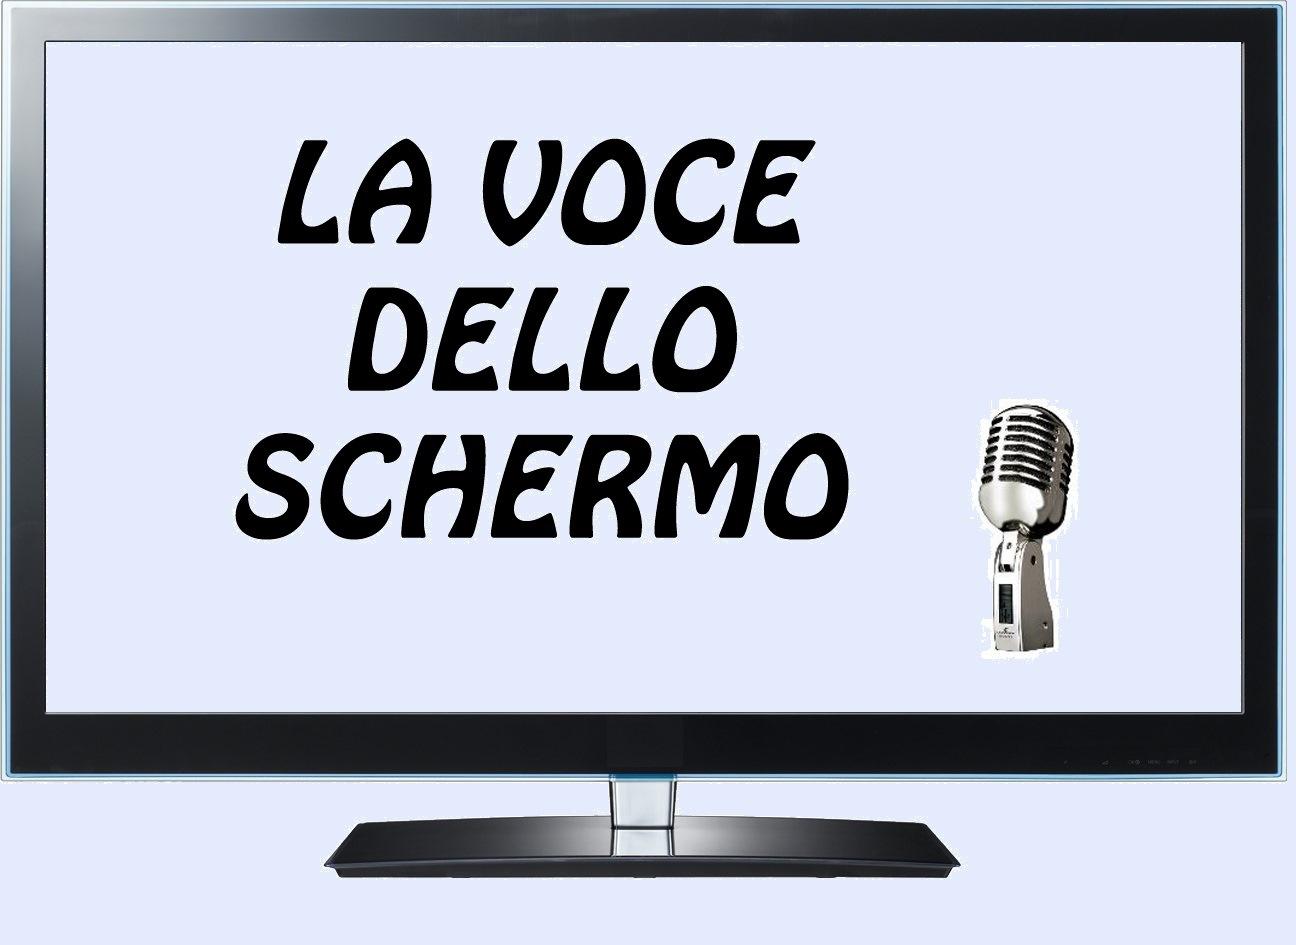 Impariamo ad ascoltare la voce dello schermo